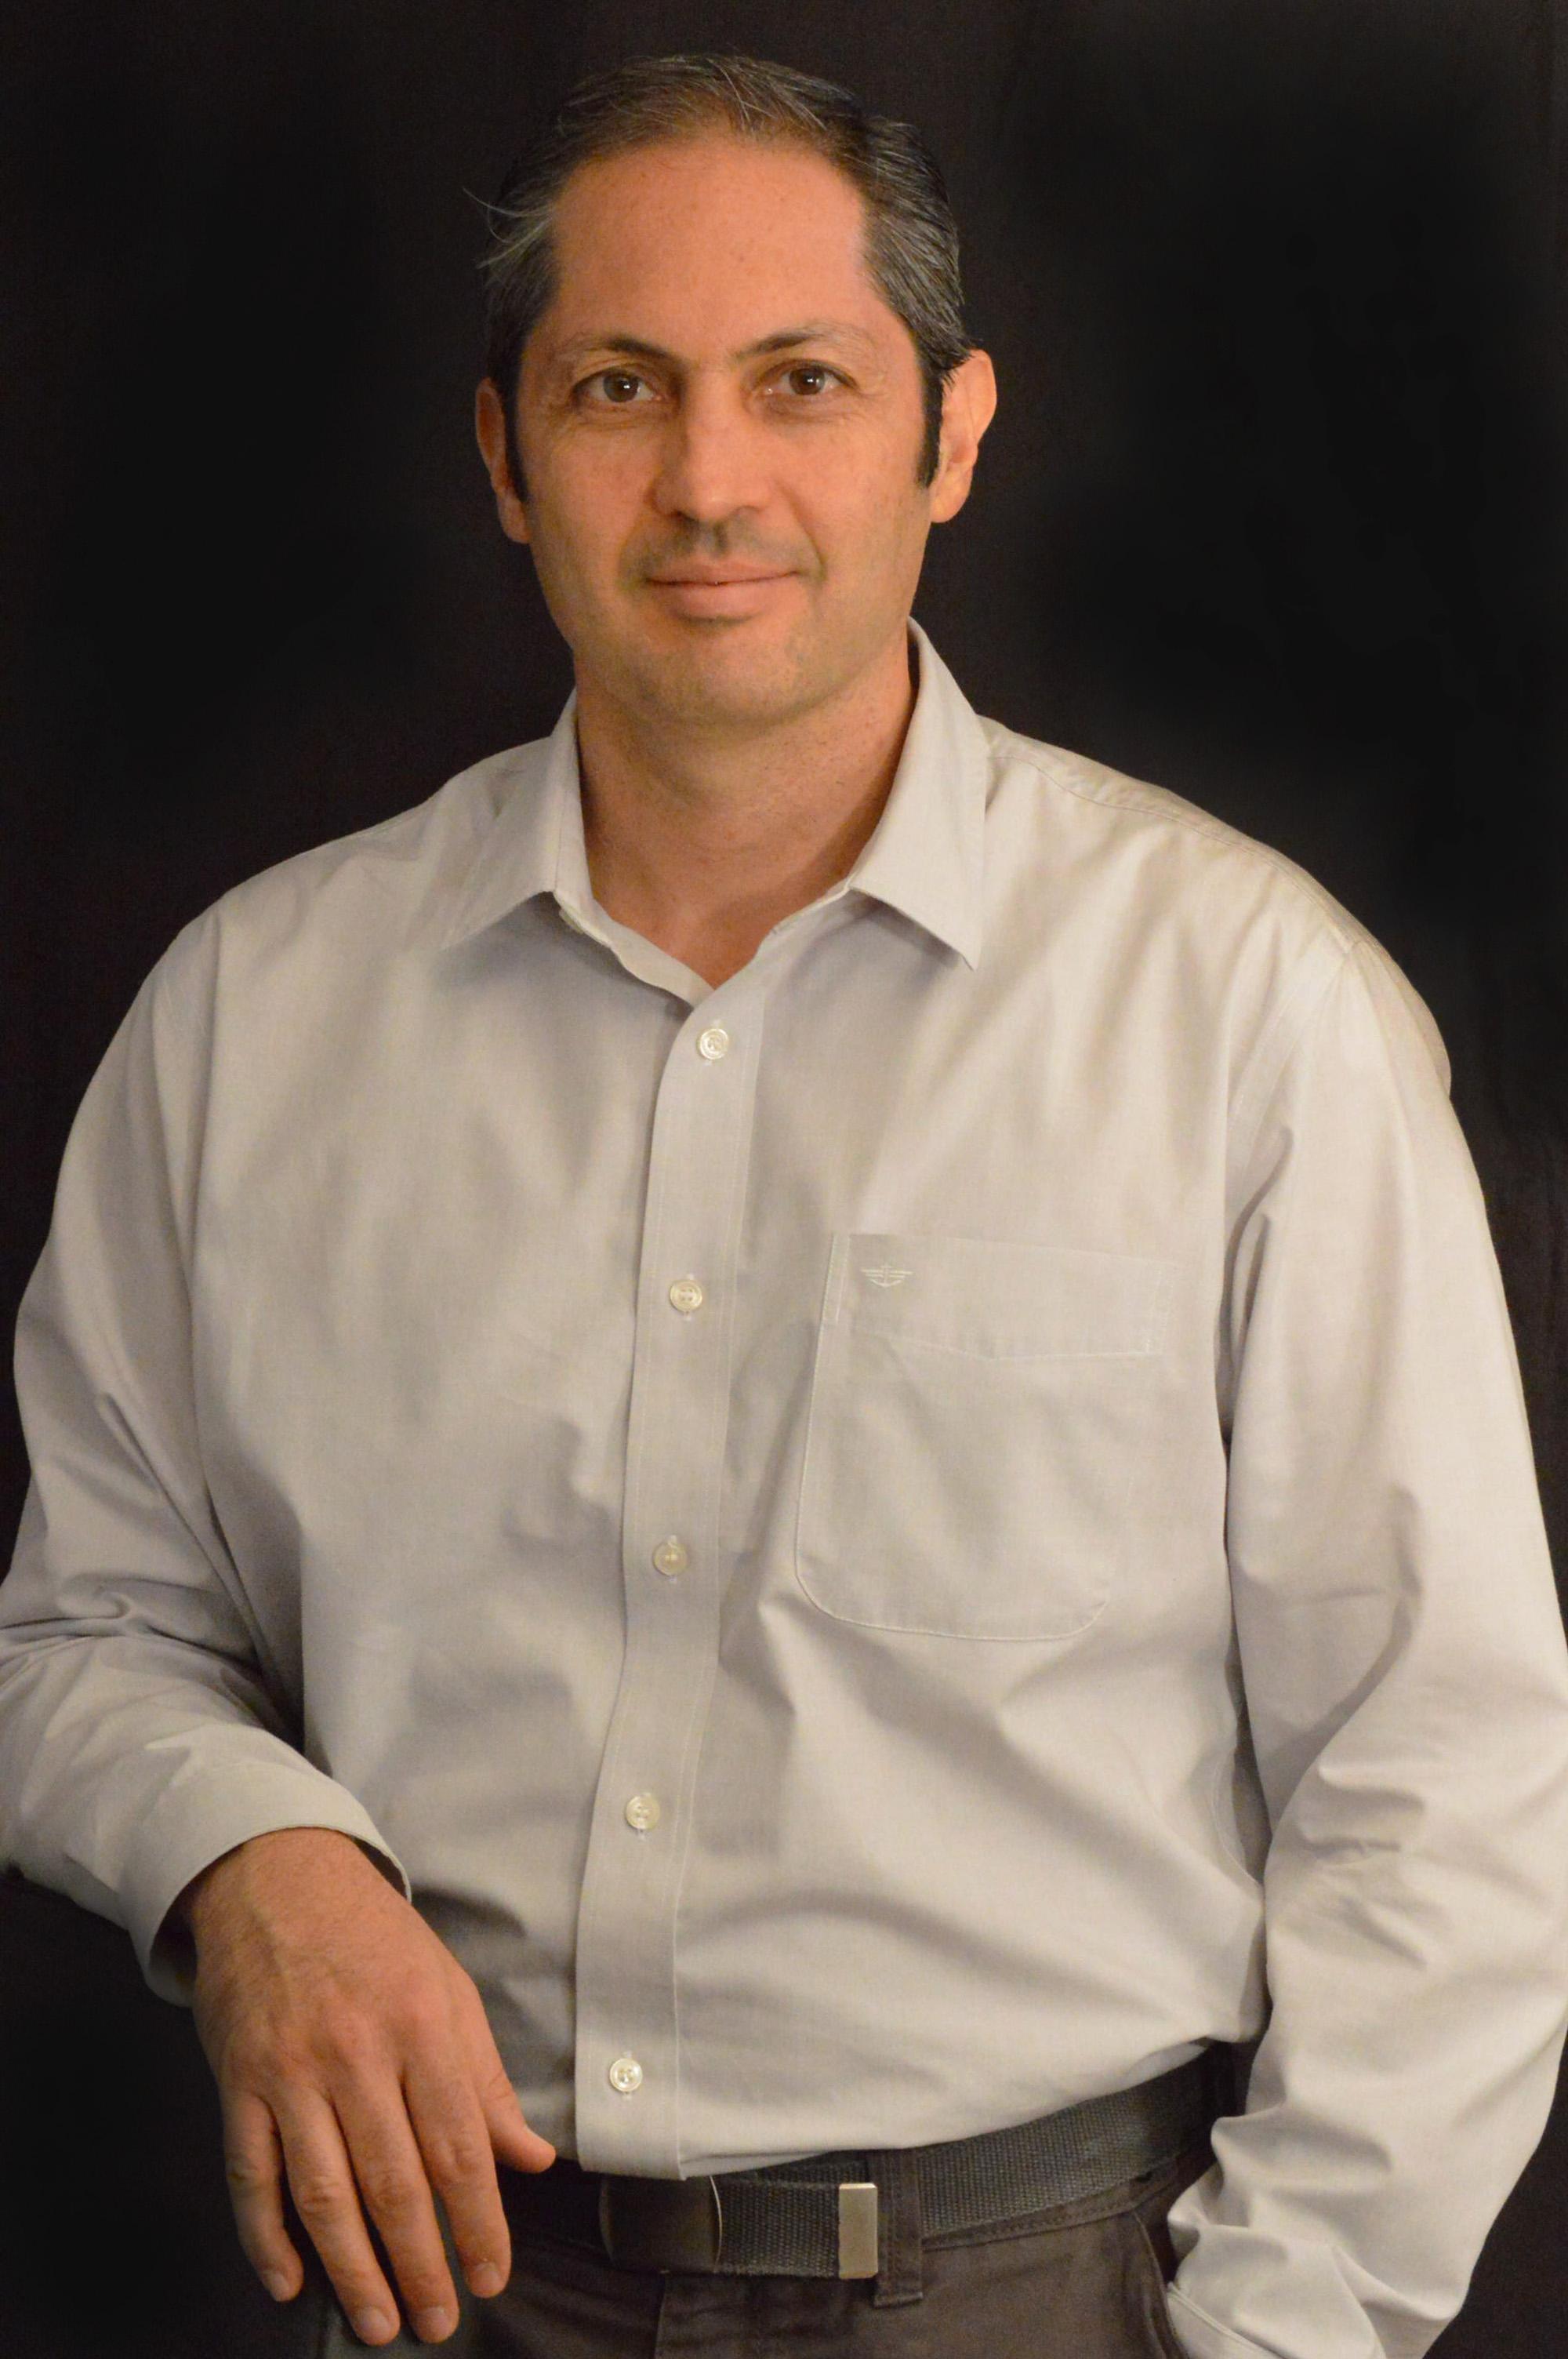 Dr. Rodríguez de la Colina Enrique Image